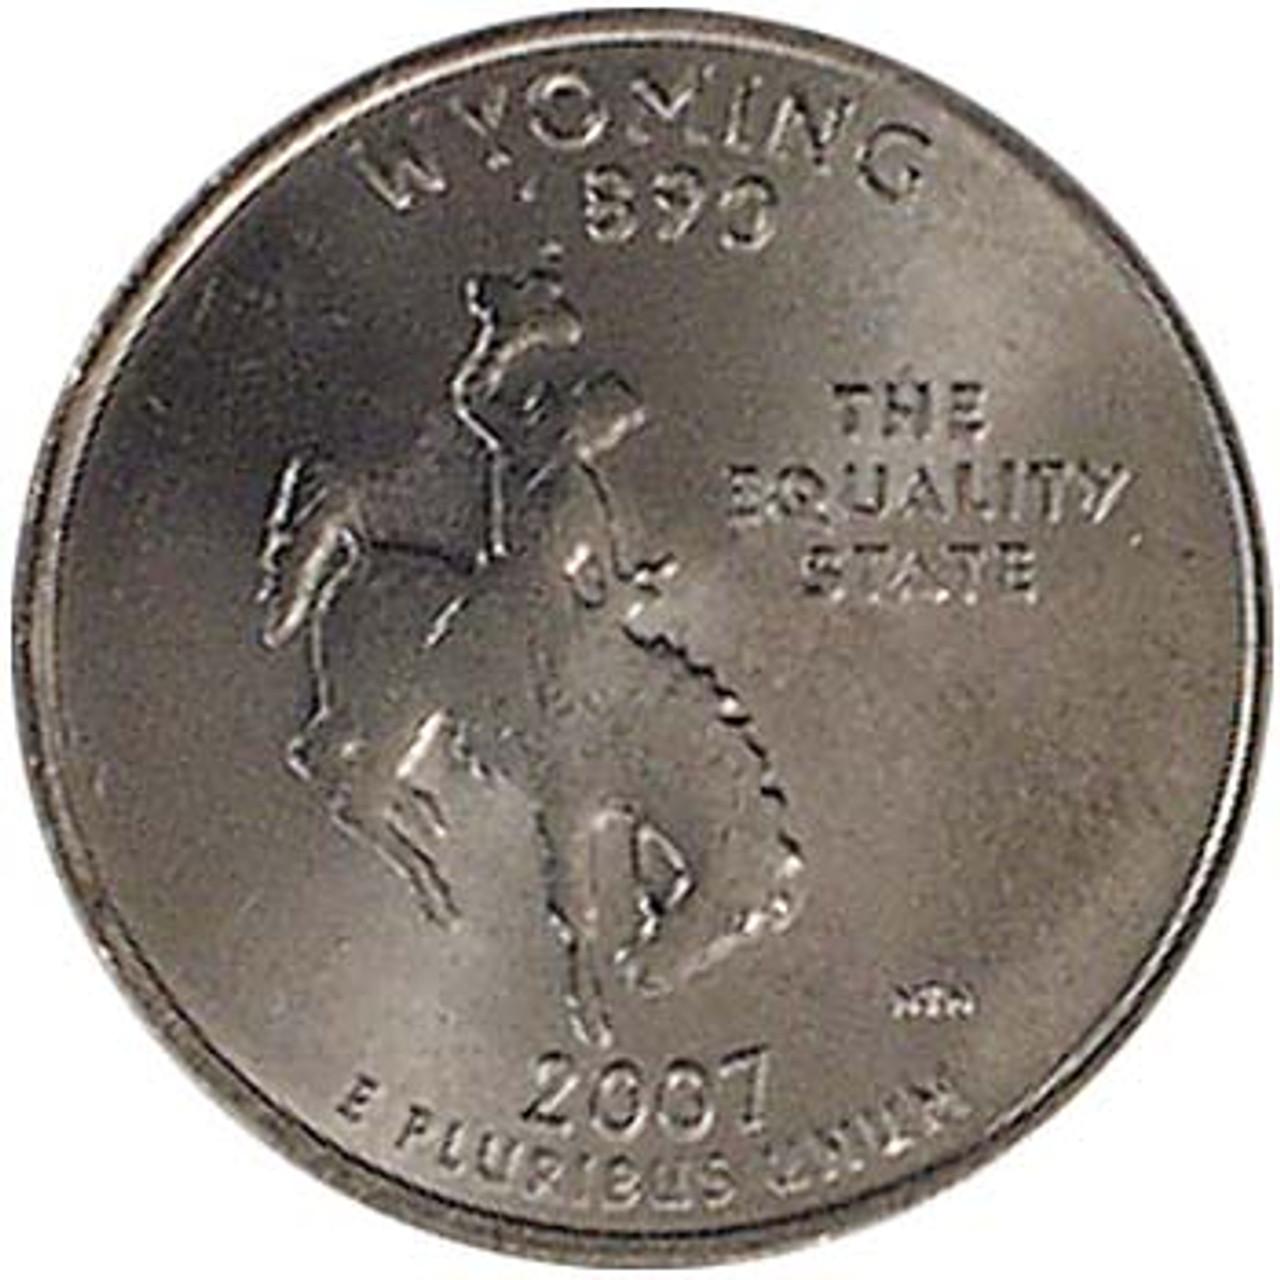 2007-P Wyoming Quarter Brilliant Uncirculated Image 1